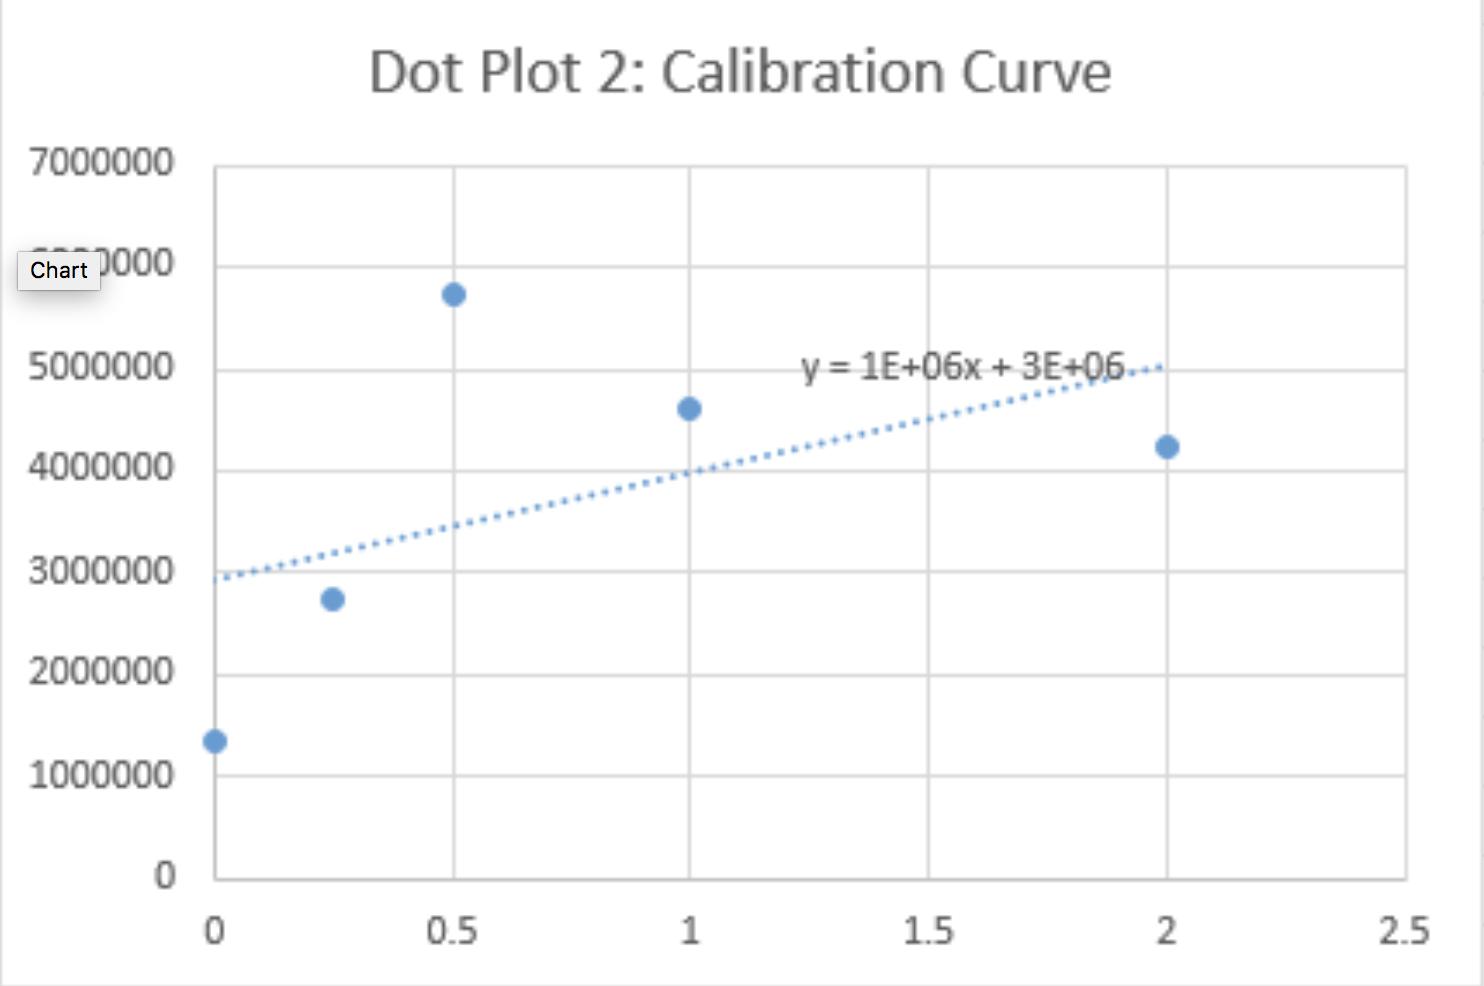 Dot Plot 2.